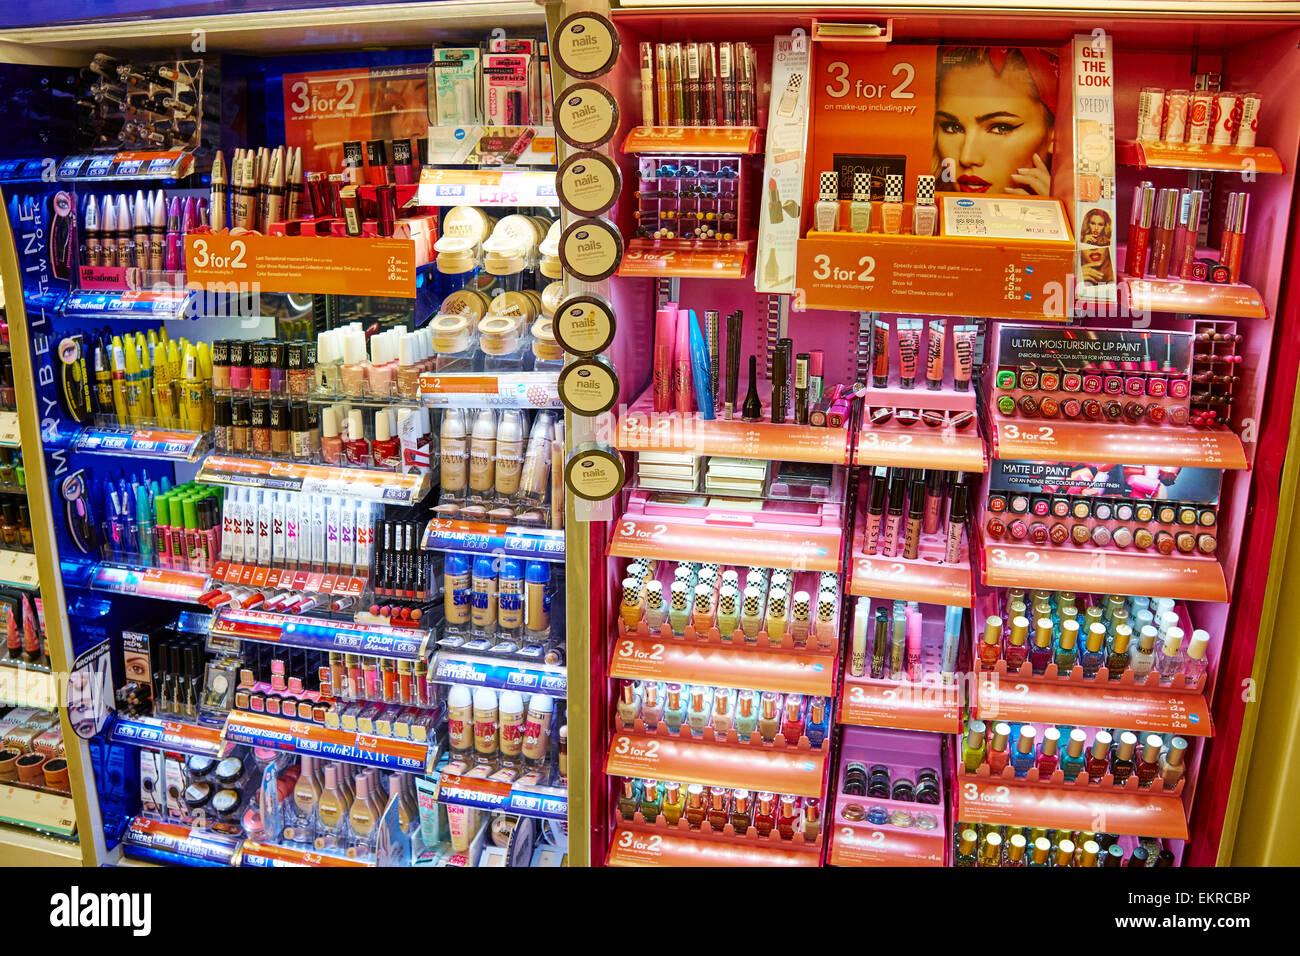 Make Up And Nail Varnish Counter At Boots Birmingham Airport UK - Stock Image